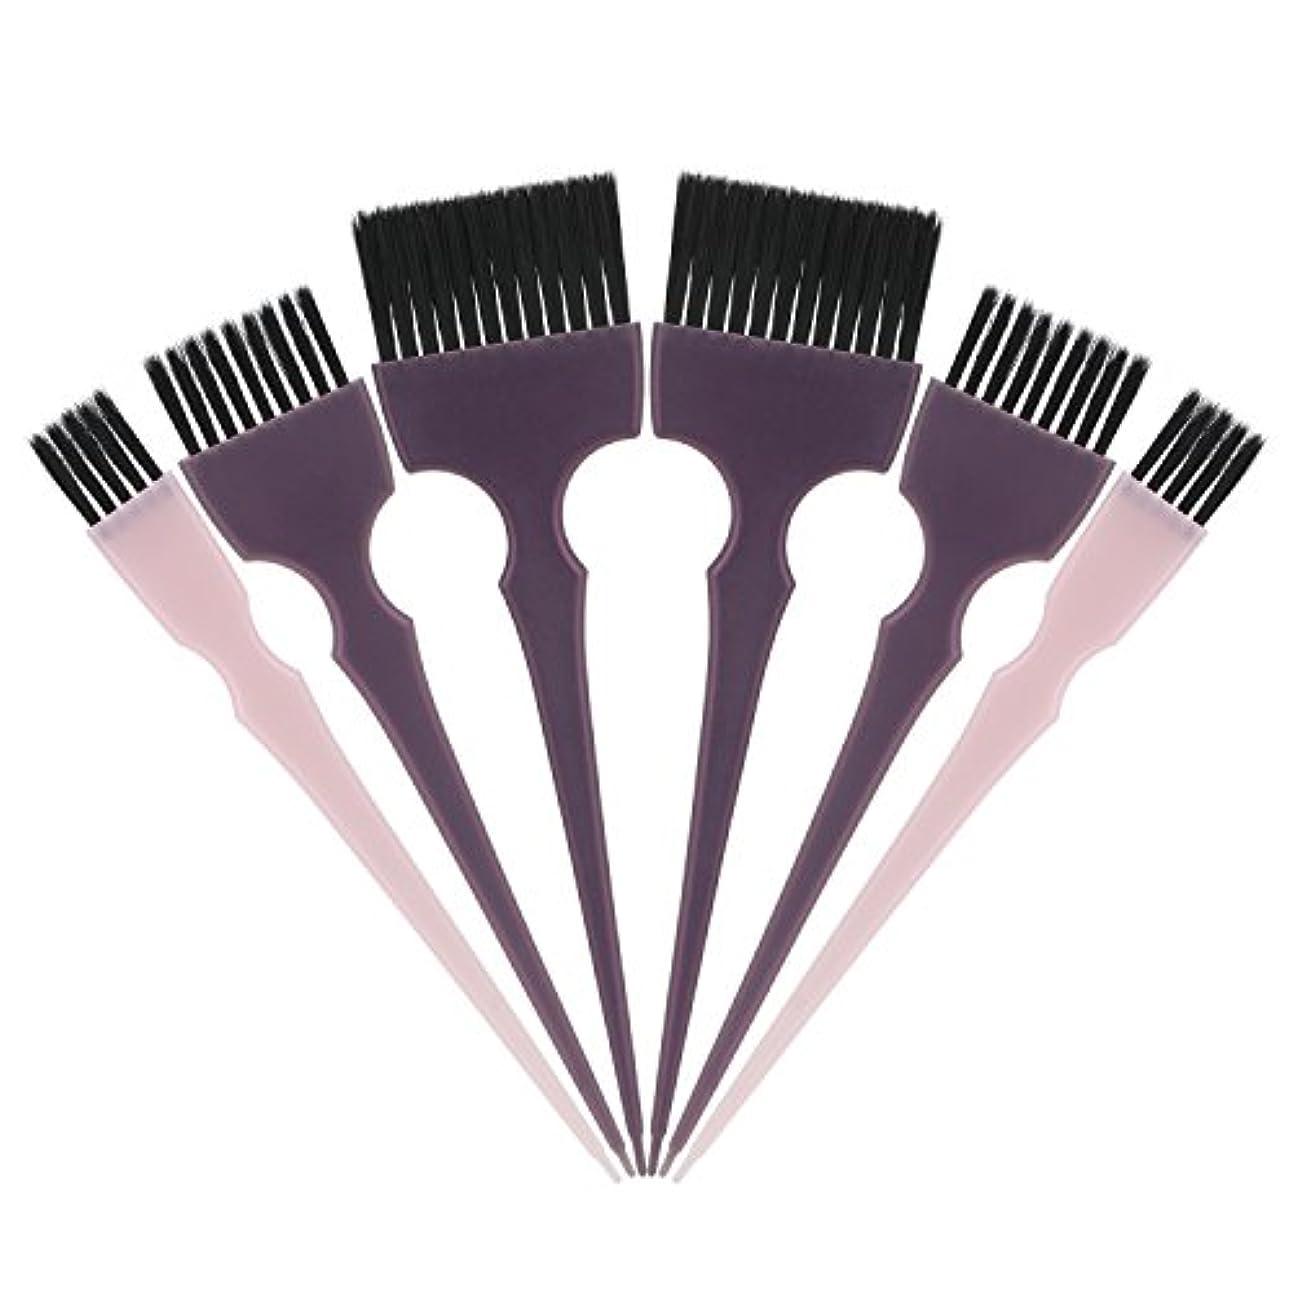 経度まあトリムSegbeauty 髪染めのブラシ 六本のセット サロンの美髪用 プロのヘアカラーリング用